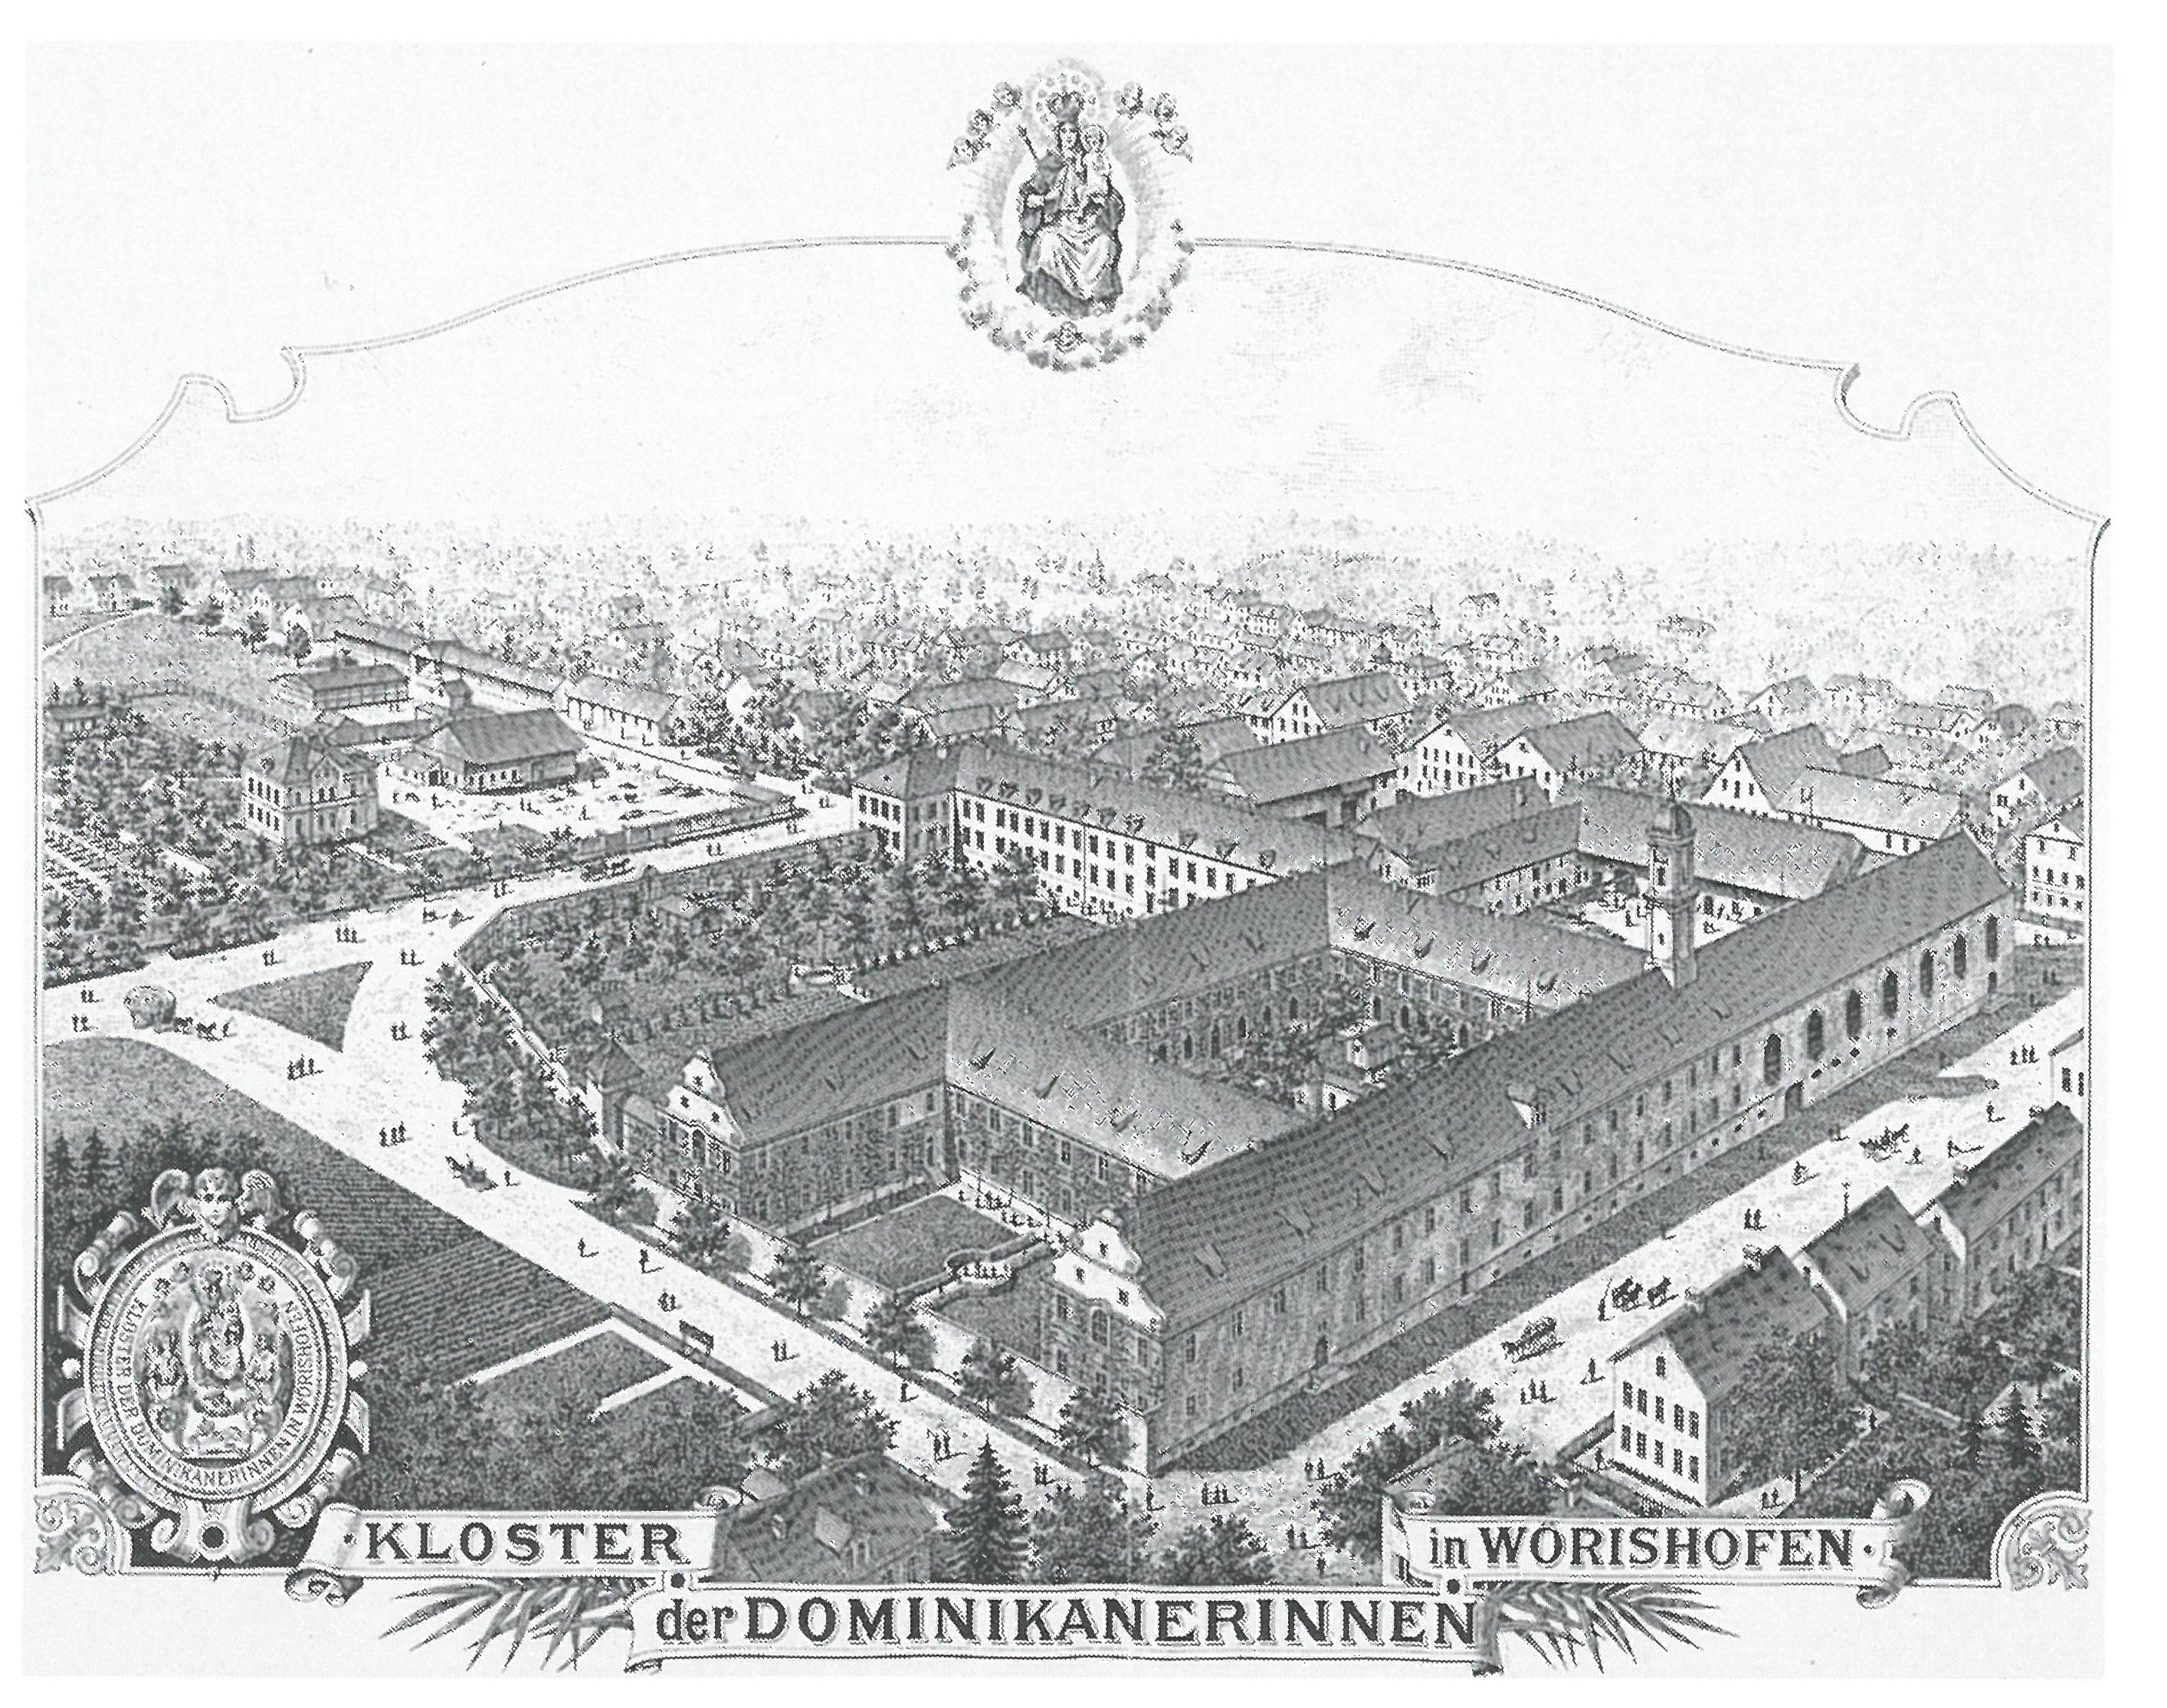 Historische Ansicht - Kloster der Dominikanerinnen